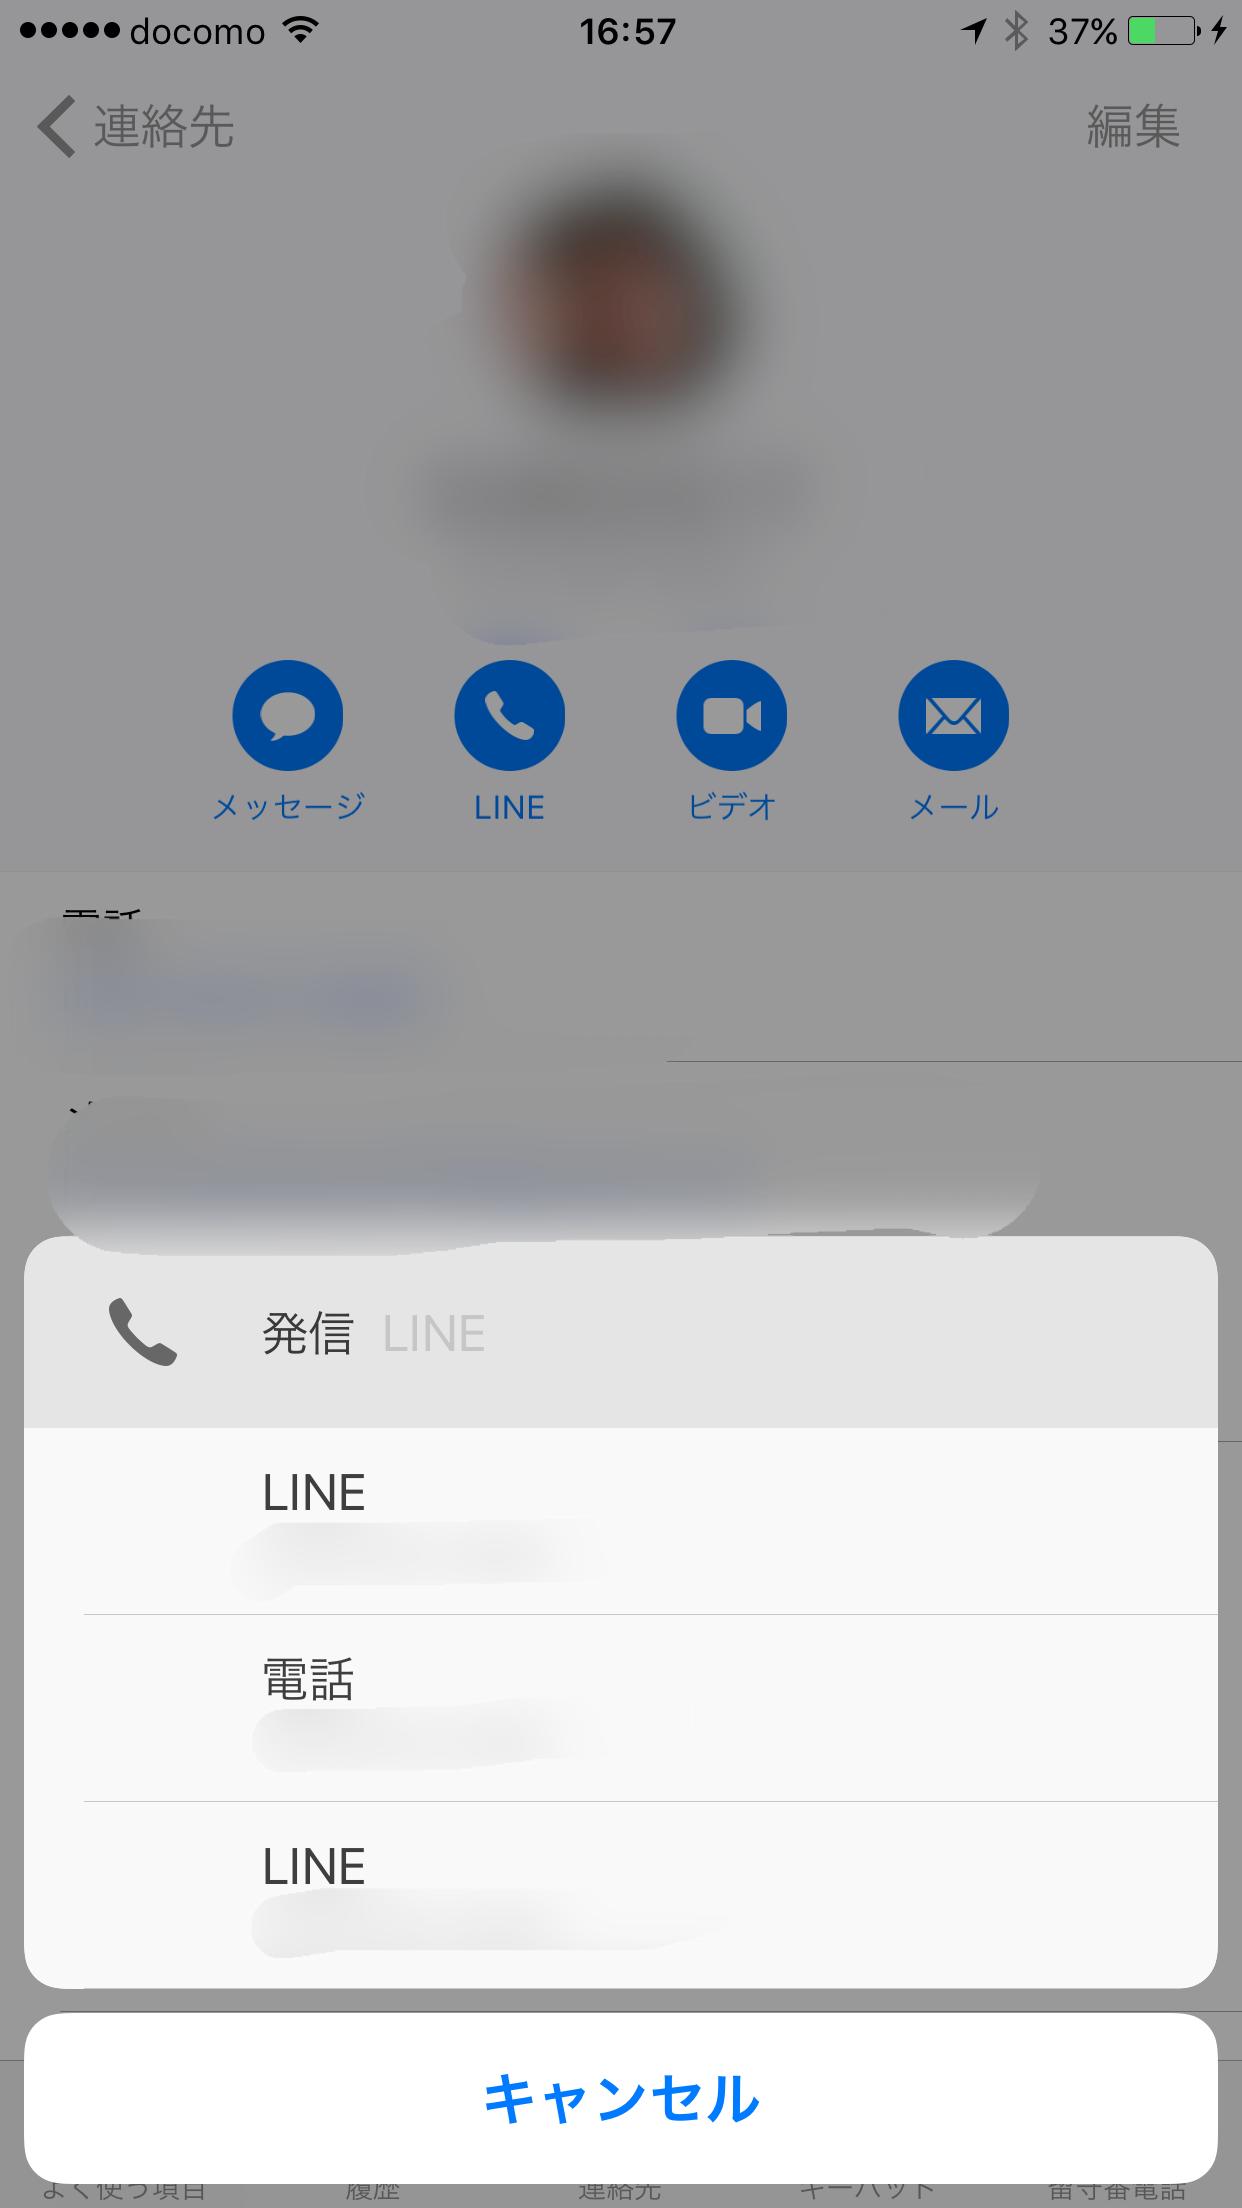 11/9付のiOS版LINEアップデートにより、CallKit対応、のはずなのに、待ち受けやロック画面でCallKit着信できないのはなぜ?